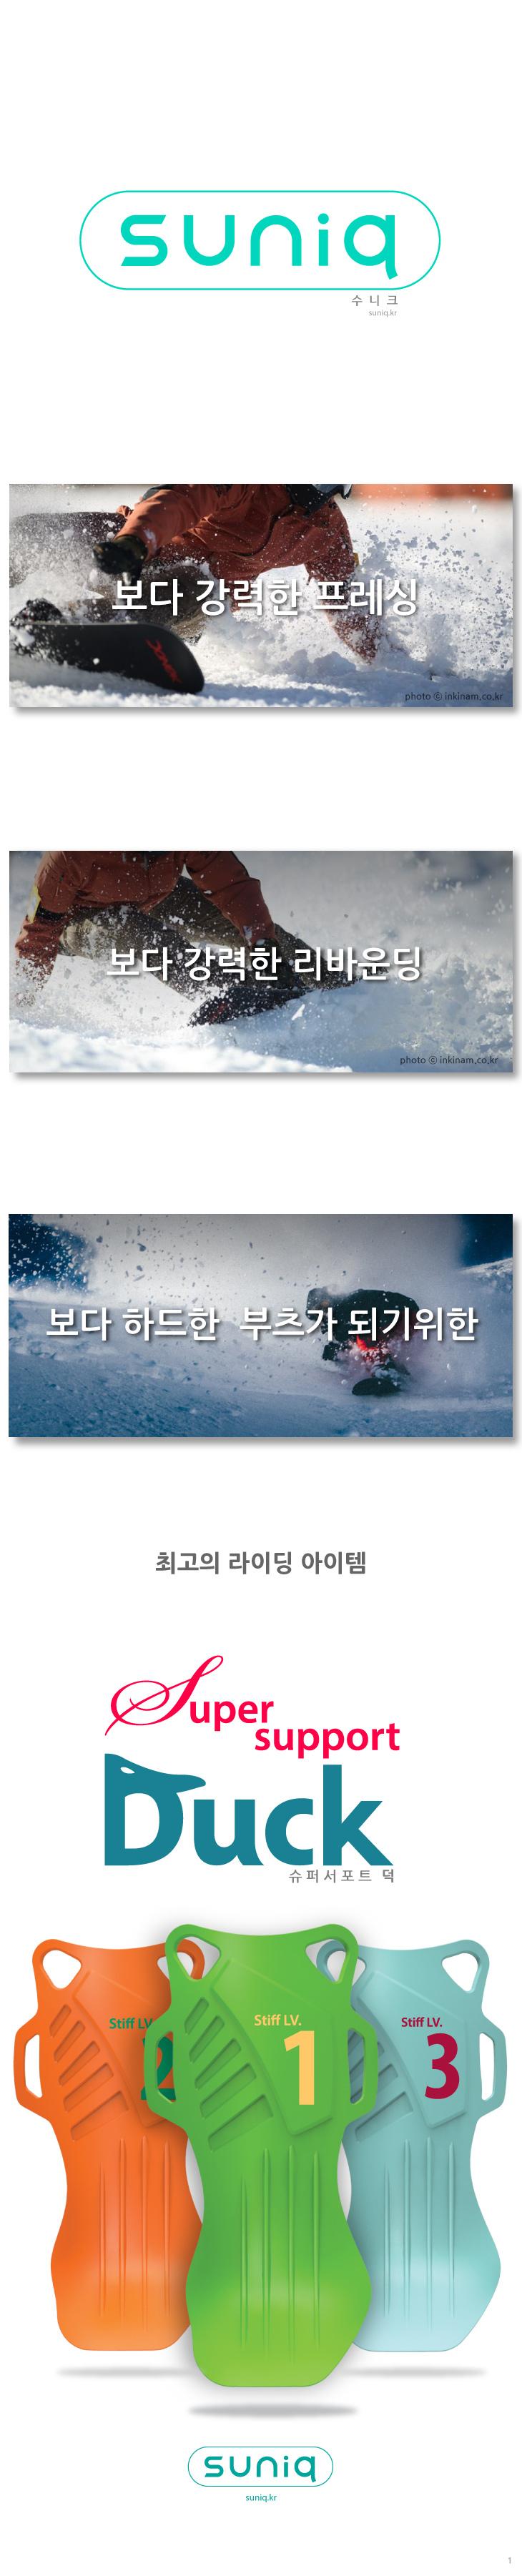 슈퍼서포트덕-마케팅_행사_페이지_01.jpg